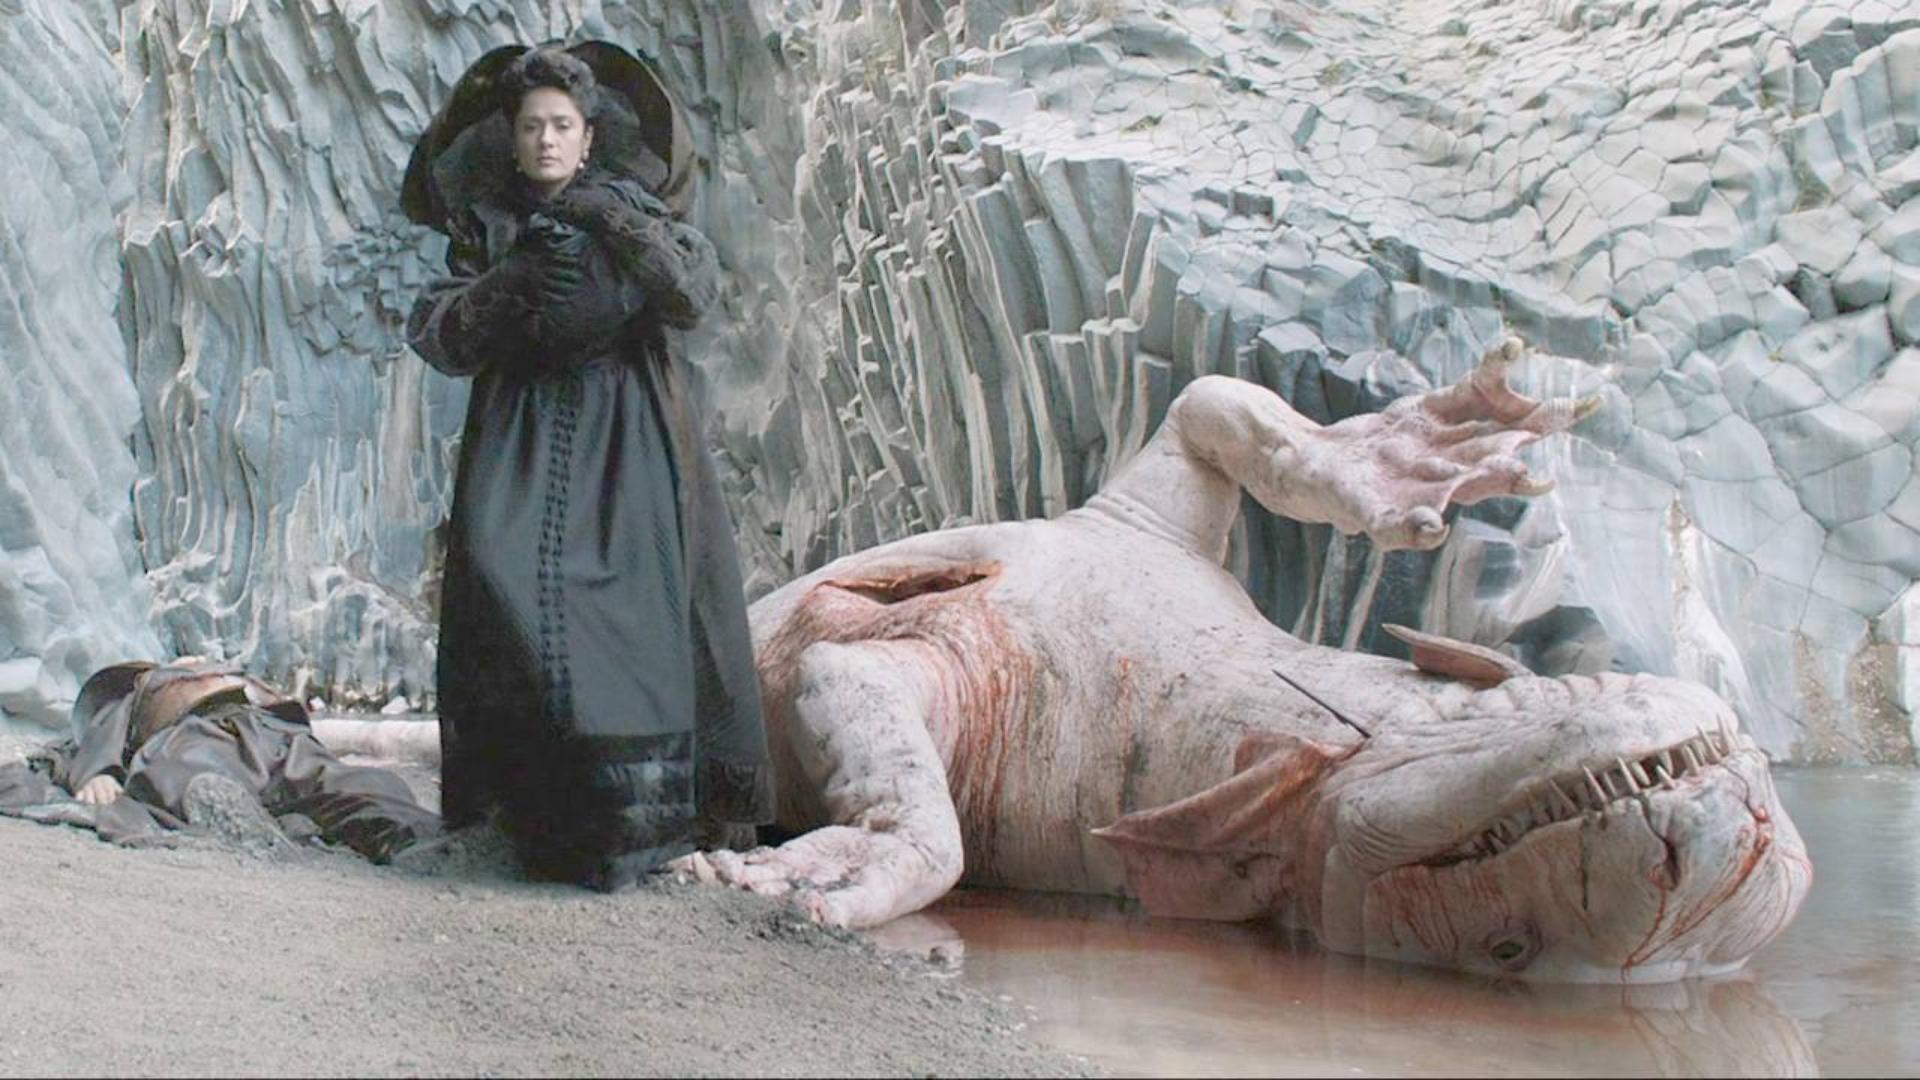 女王为了怀孕,吃下海怪的心脏,可生下的王子却异于常人!速看奇幻电影《故事的故事:海怪的心脏》